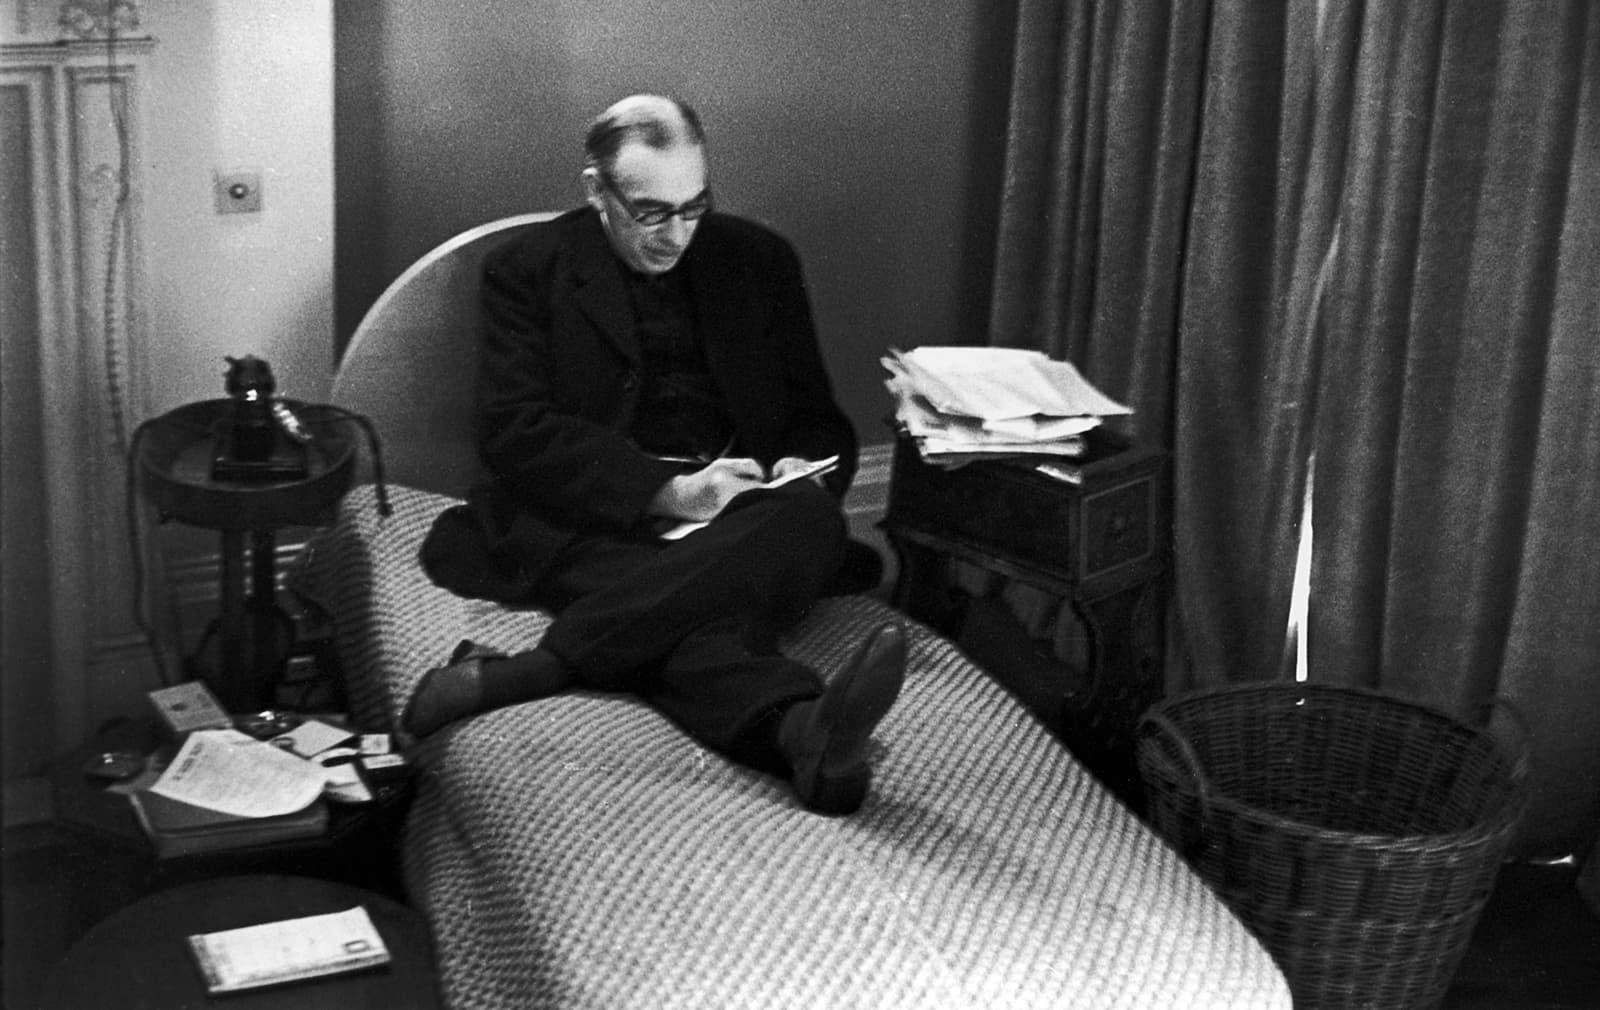 L'economista John Maynard Keynes (1883-1946) al seu despatx de Londres el 1940. Fotografia de Tim Gidal. Hulton. Getty Images.